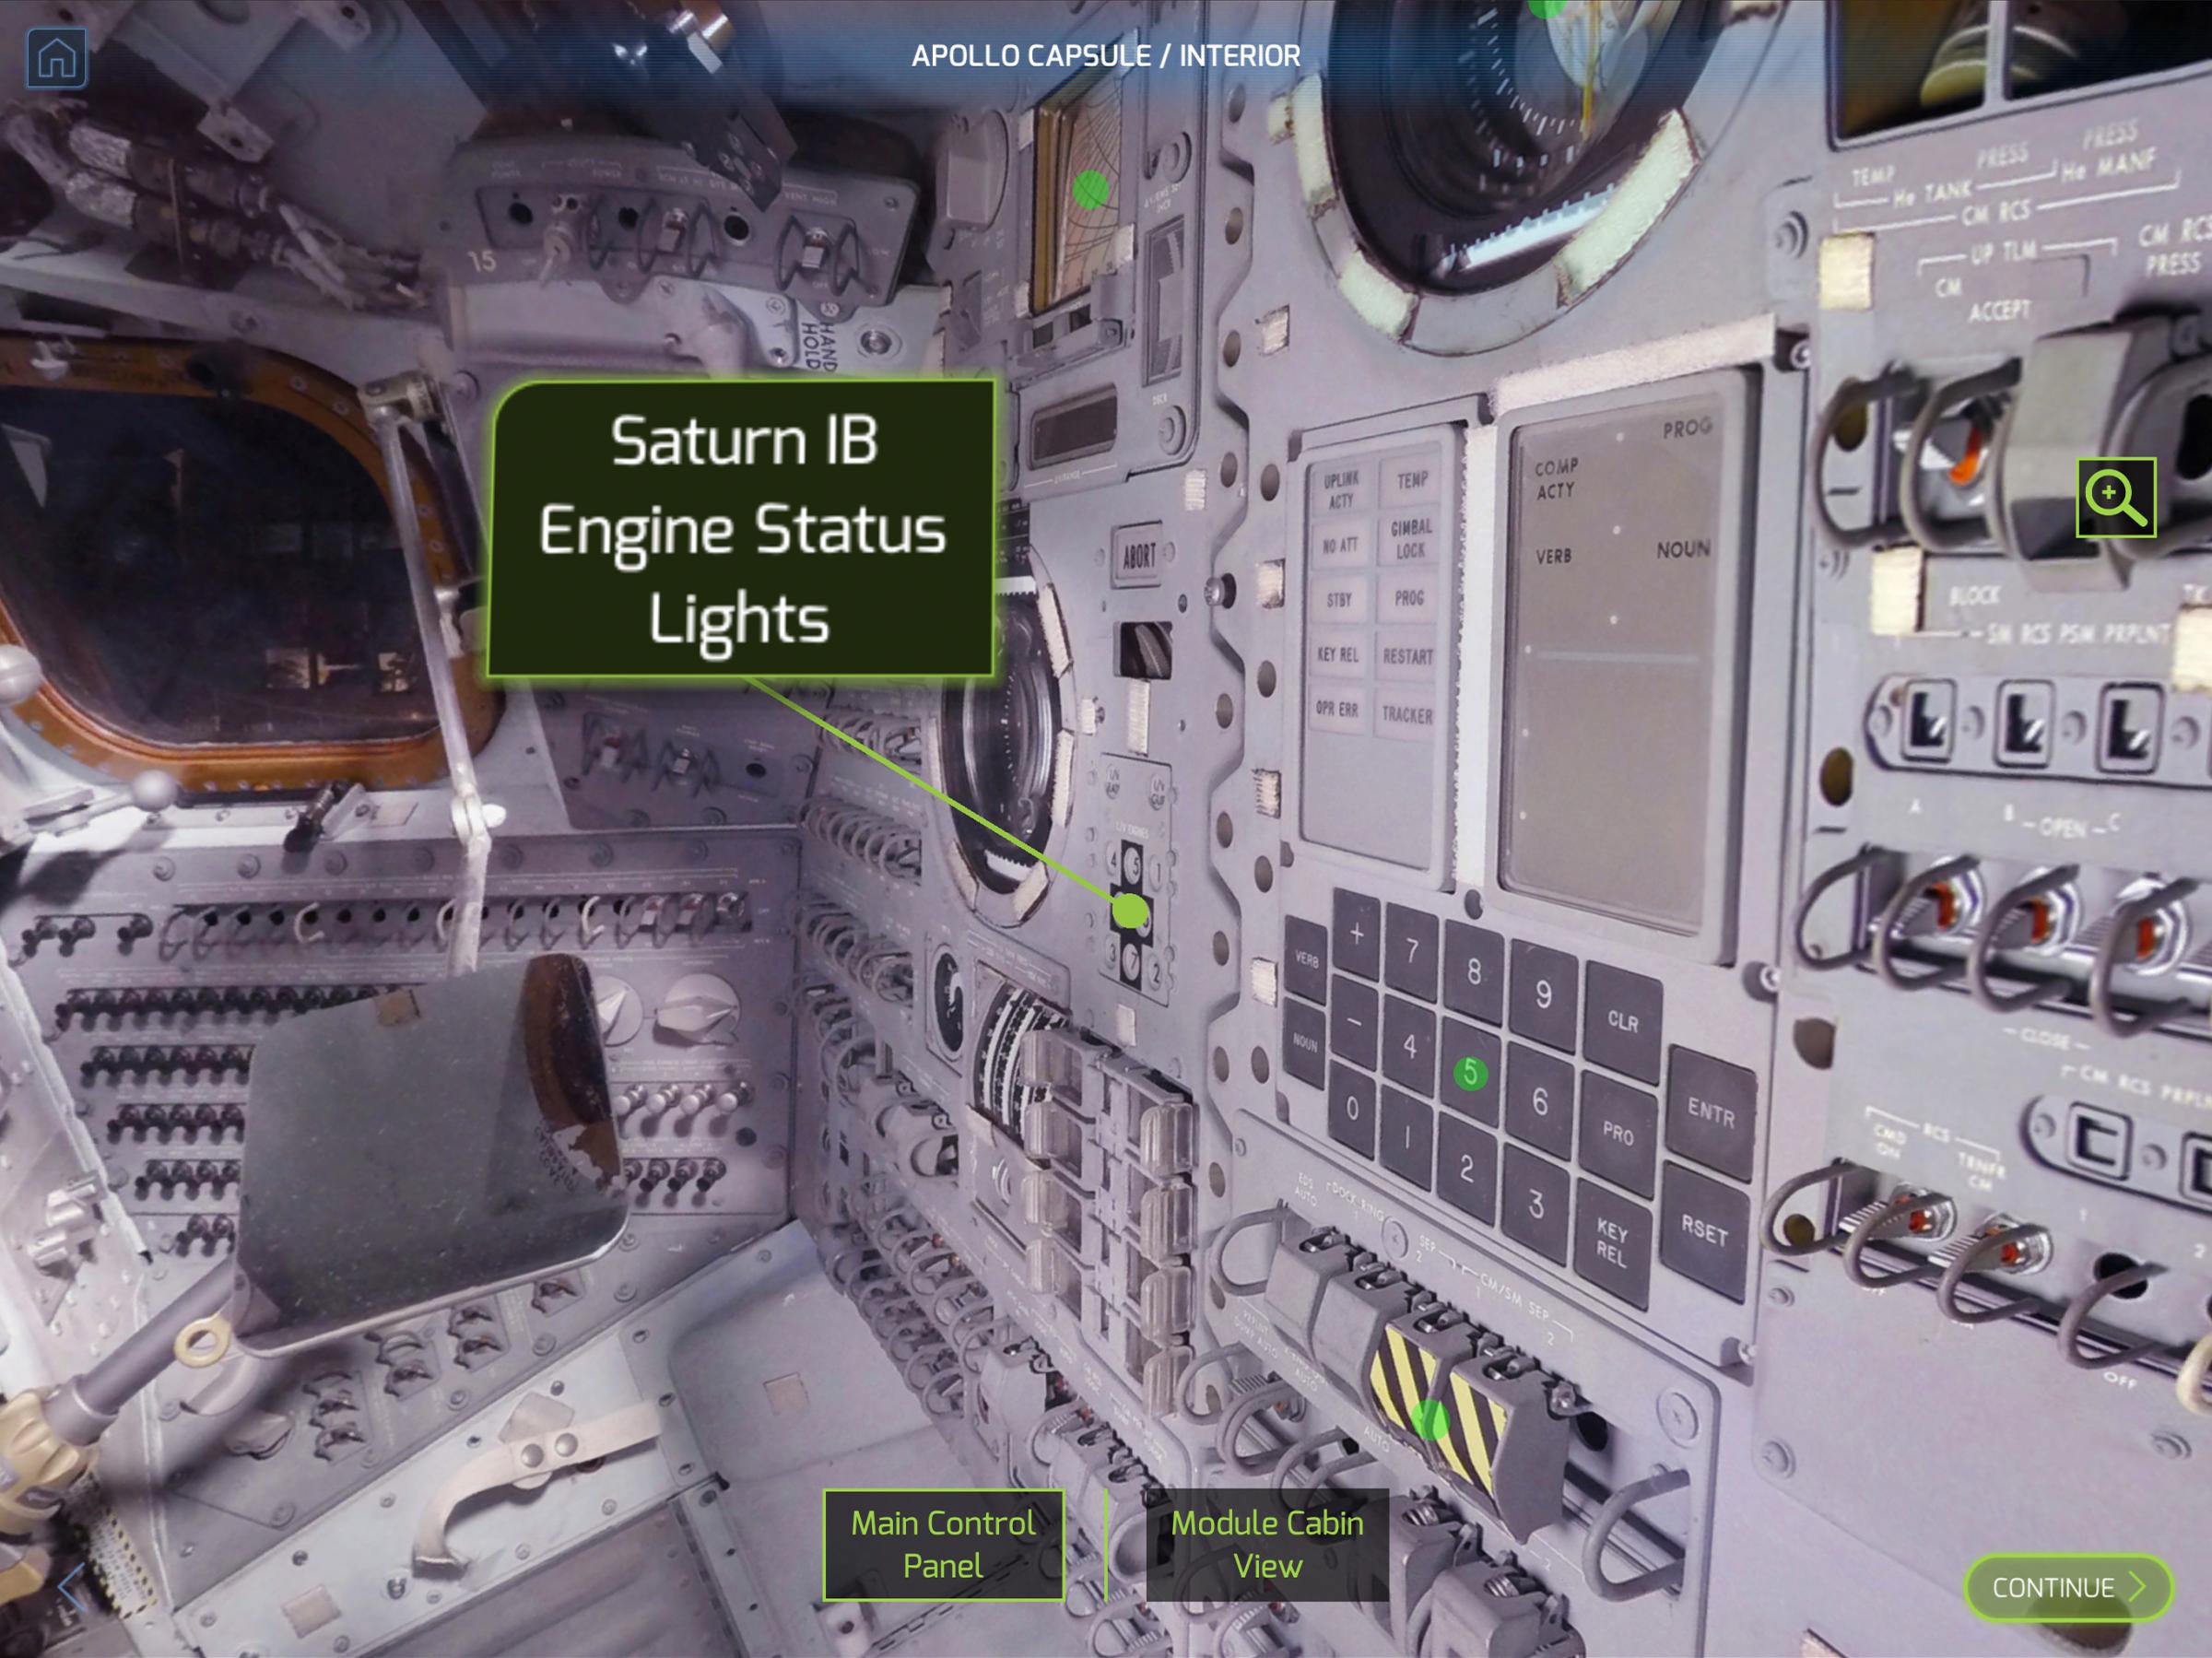 apollo capsule interior - HD2400×1799